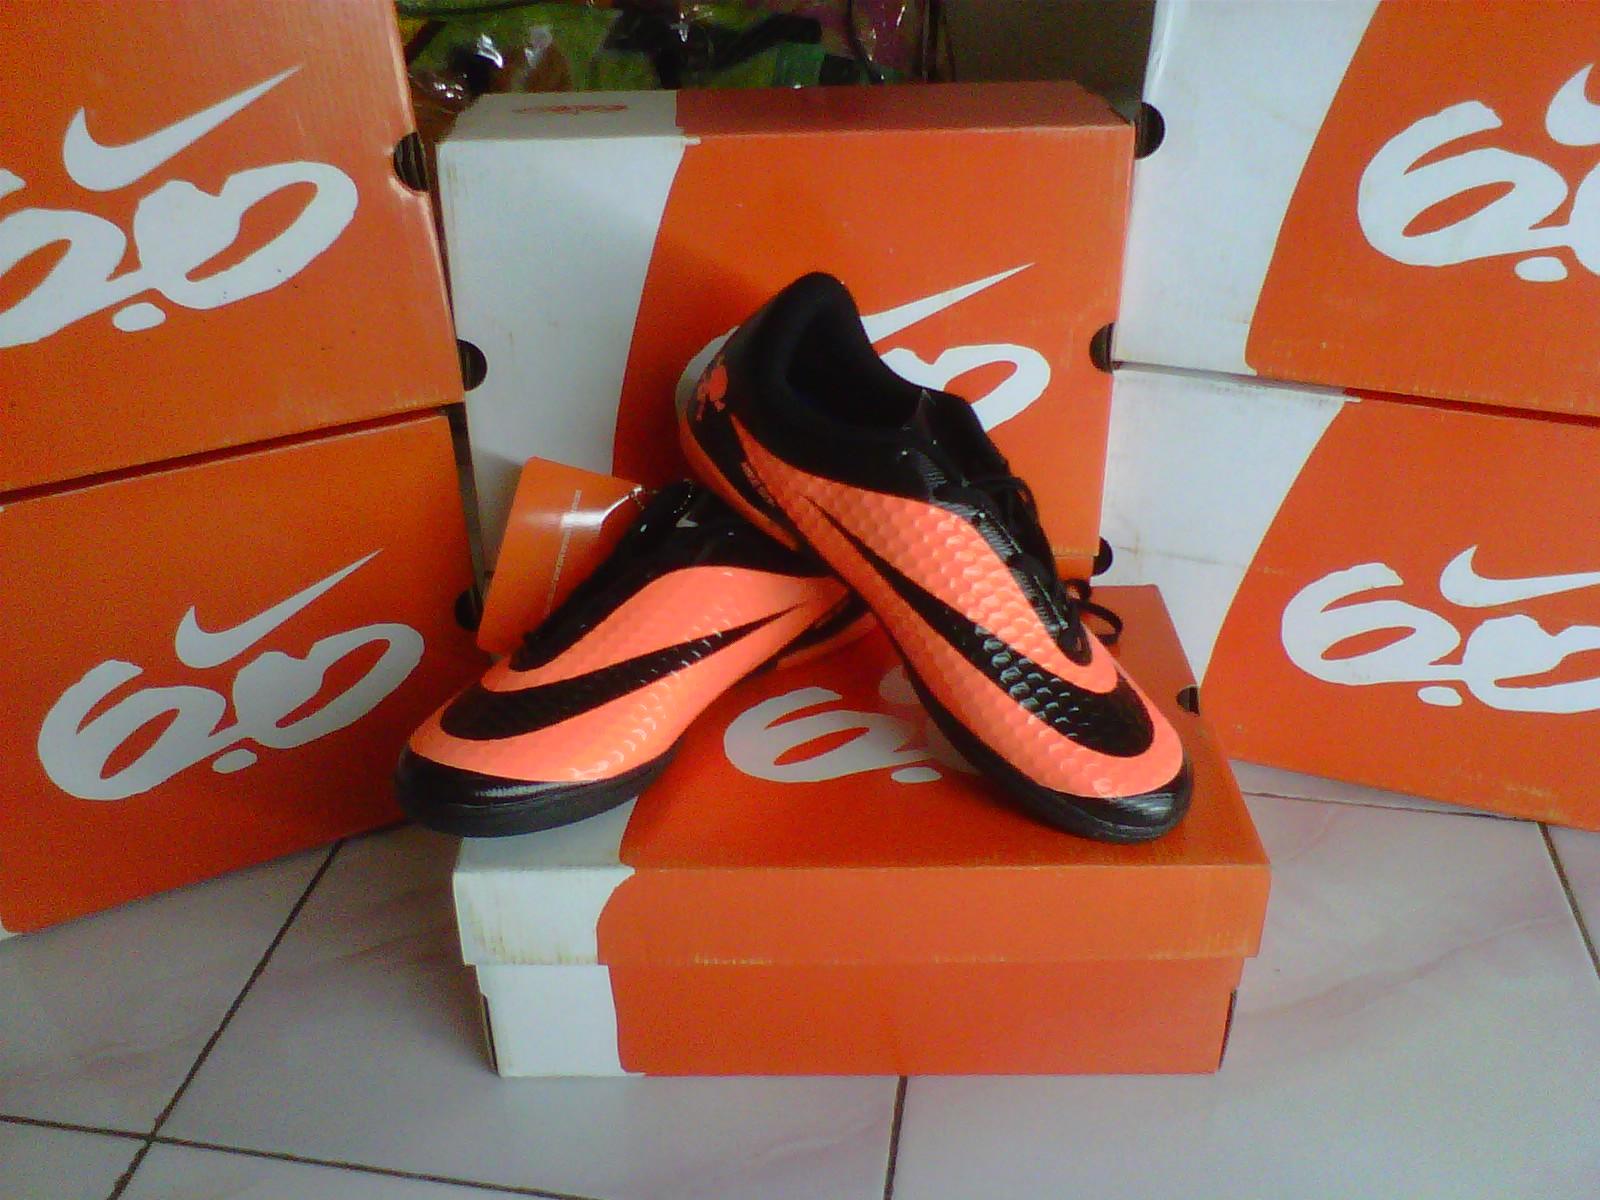 Jual Sepatu Futsal Kw Super